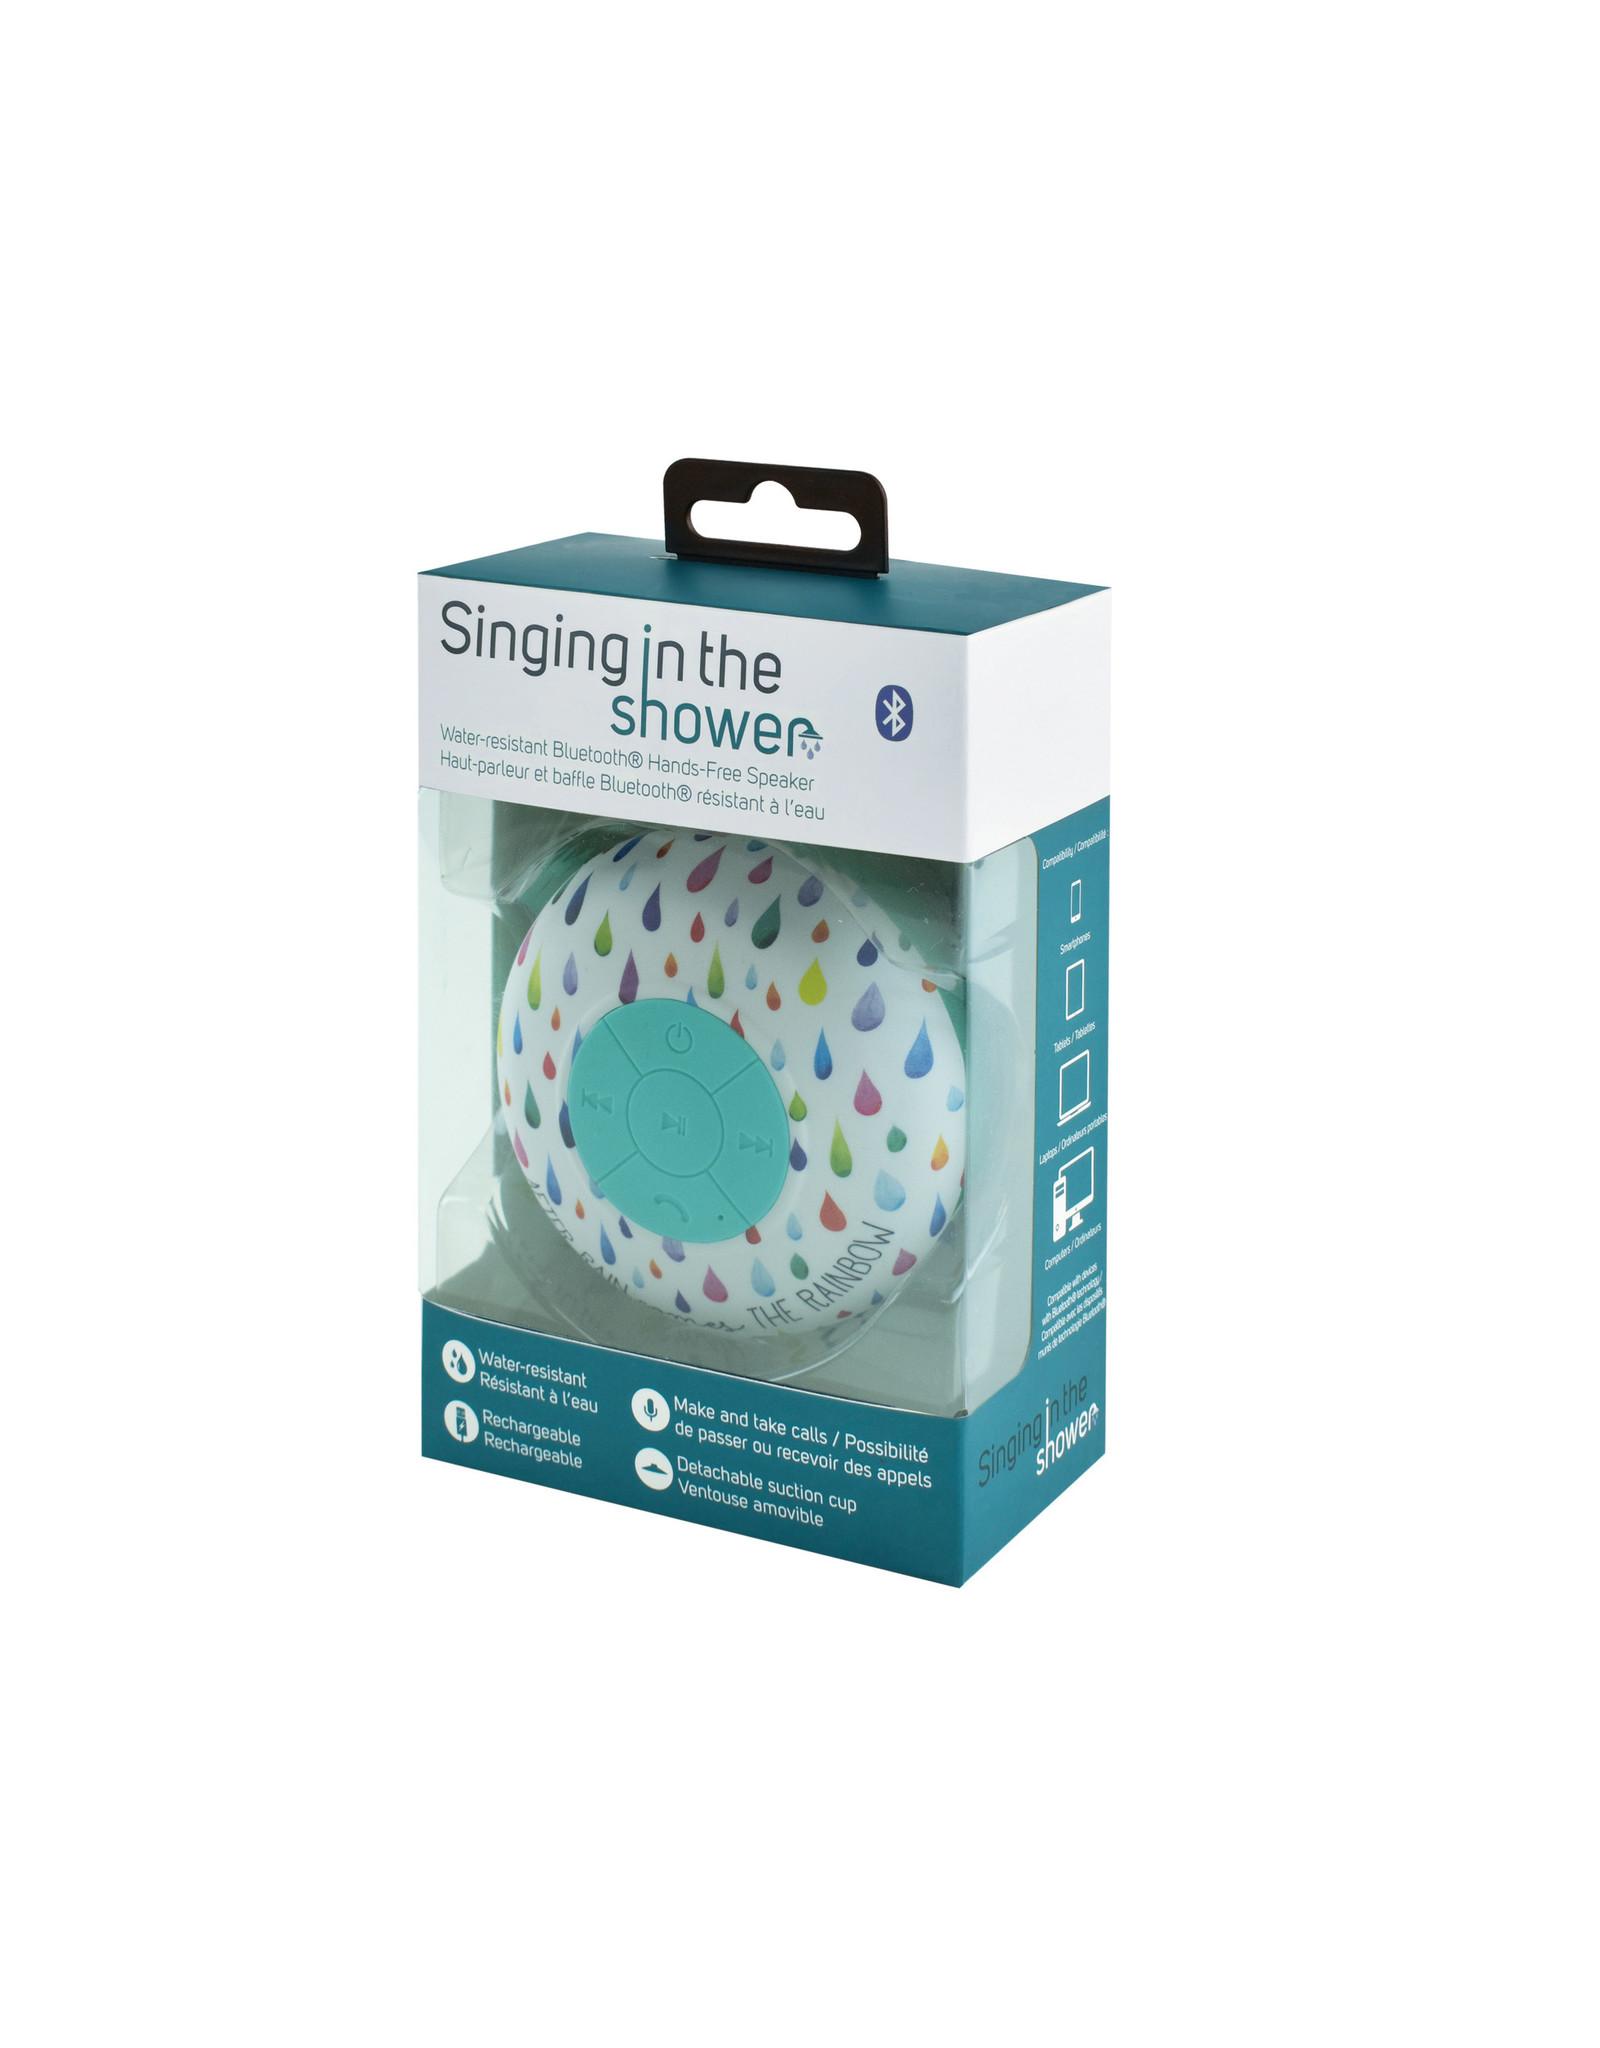 Legami shower speaker - rain